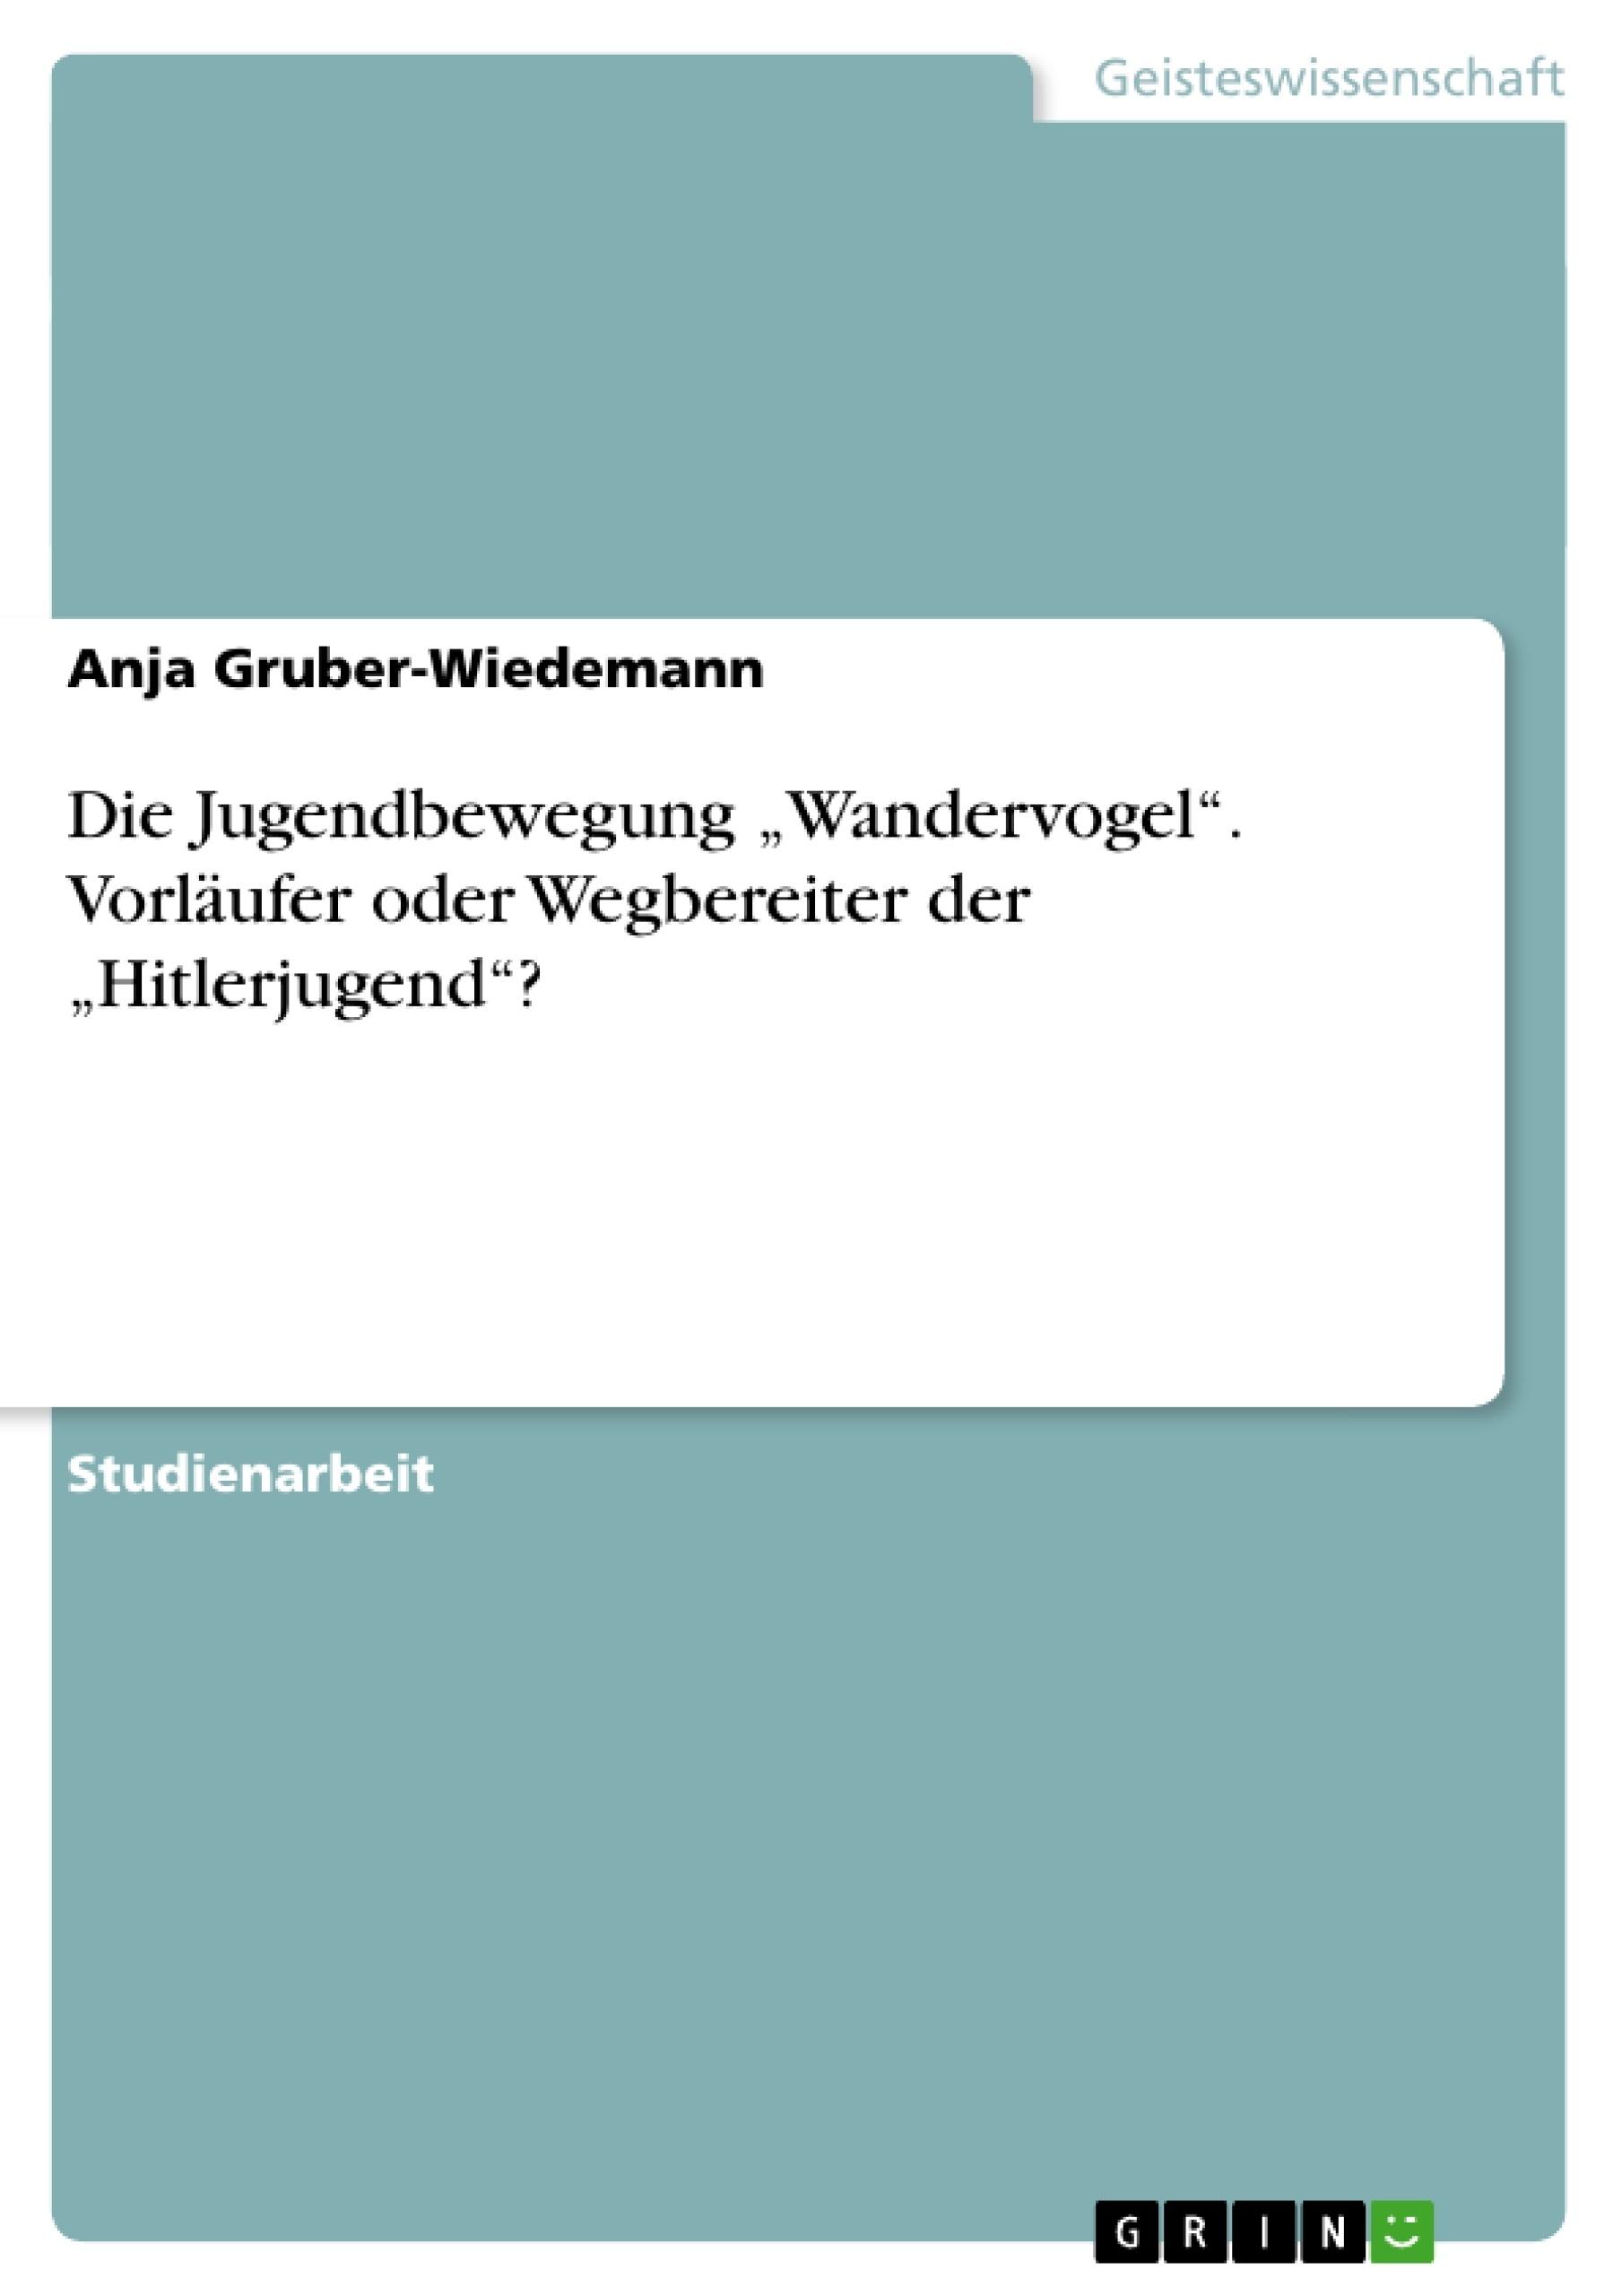 """Titel: Die Jugendbewegung """"Wandervogel"""".  Vorläufer oder Wegbereiter der """"Hitlerjugend""""?"""